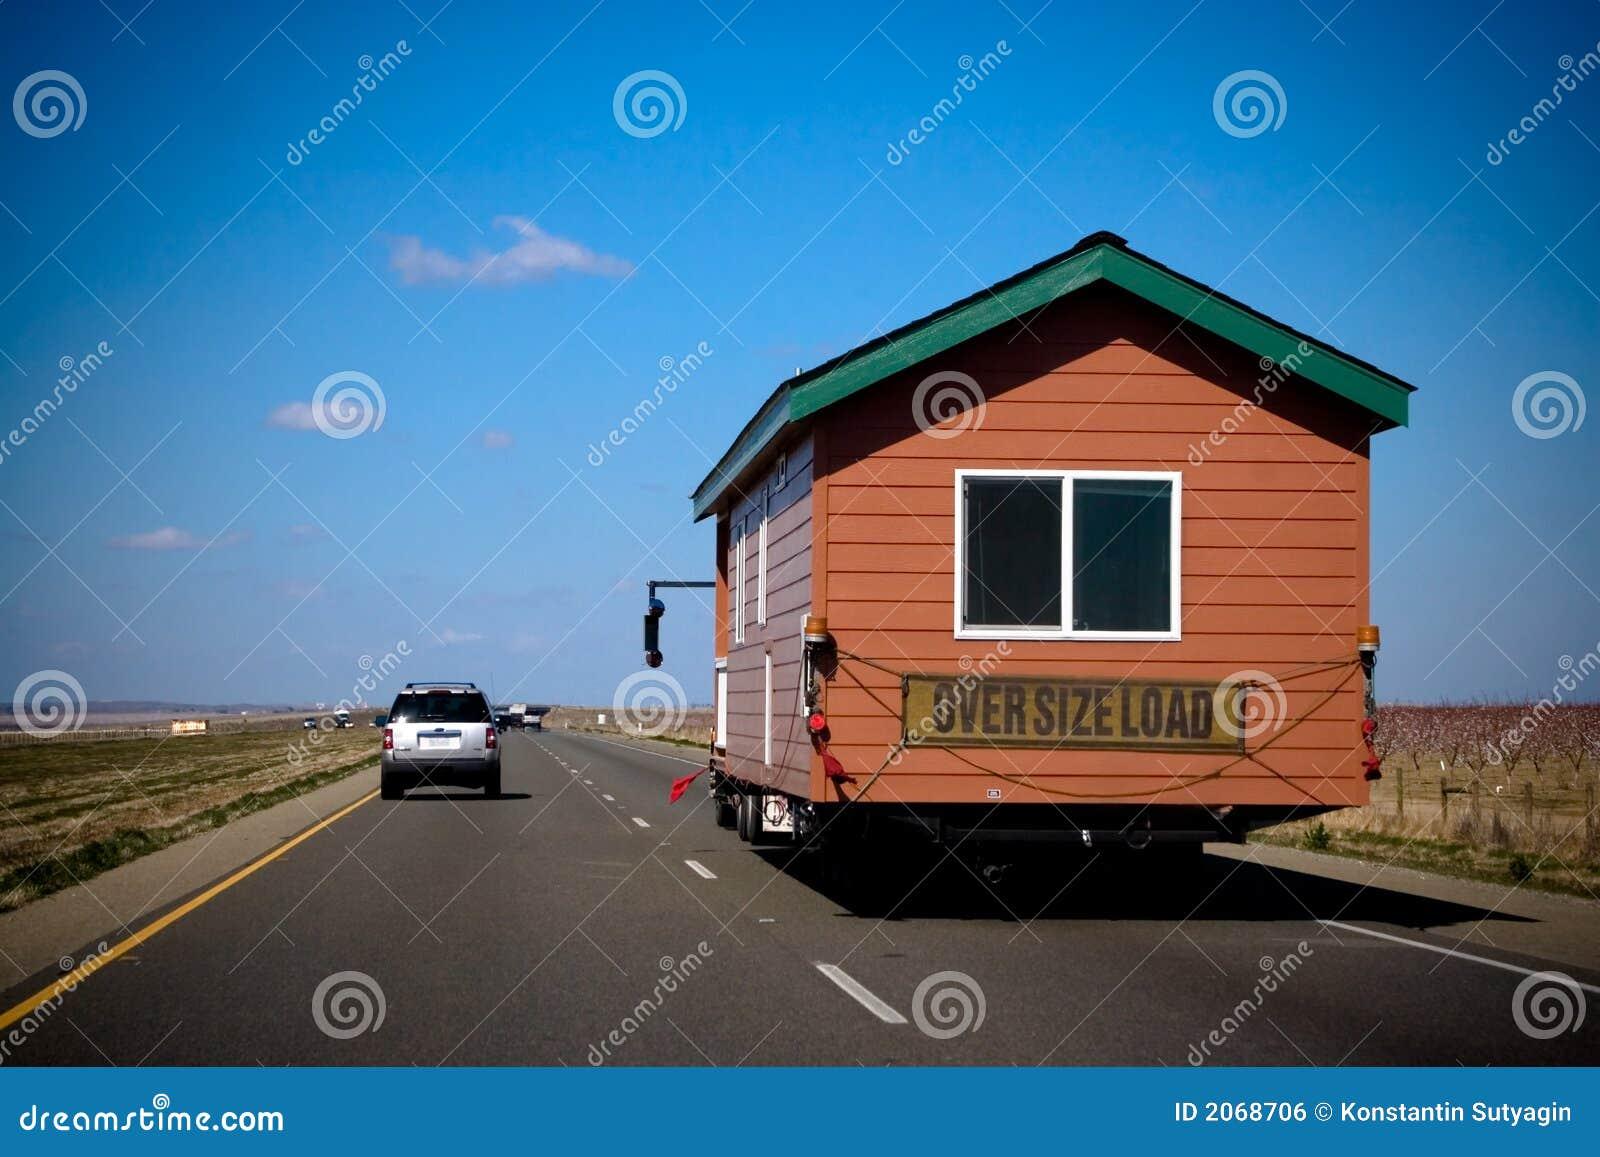 maison mobile image libre de droits image 2068706. Black Bedroom Furniture Sets. Home Design Ideas